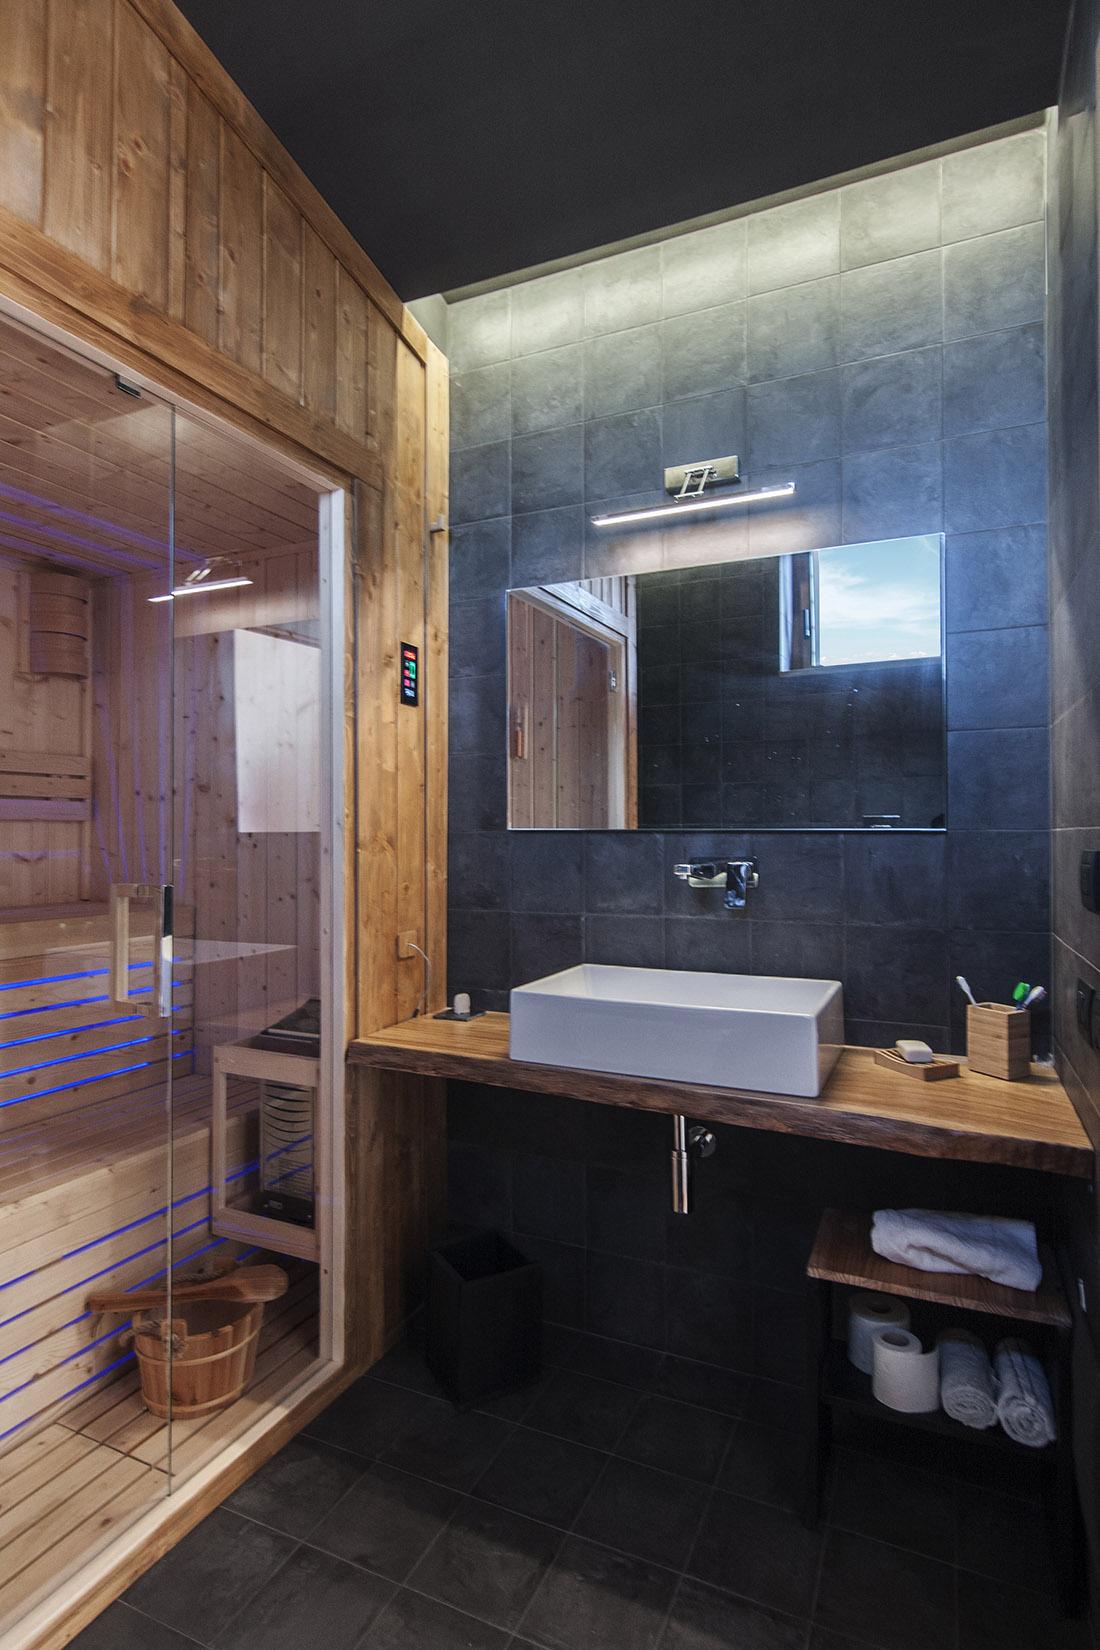 casa-tao-napoli-tufo-a-vista-recupero-moderno-pucciarelli-architetti-bagno-turco-sauna